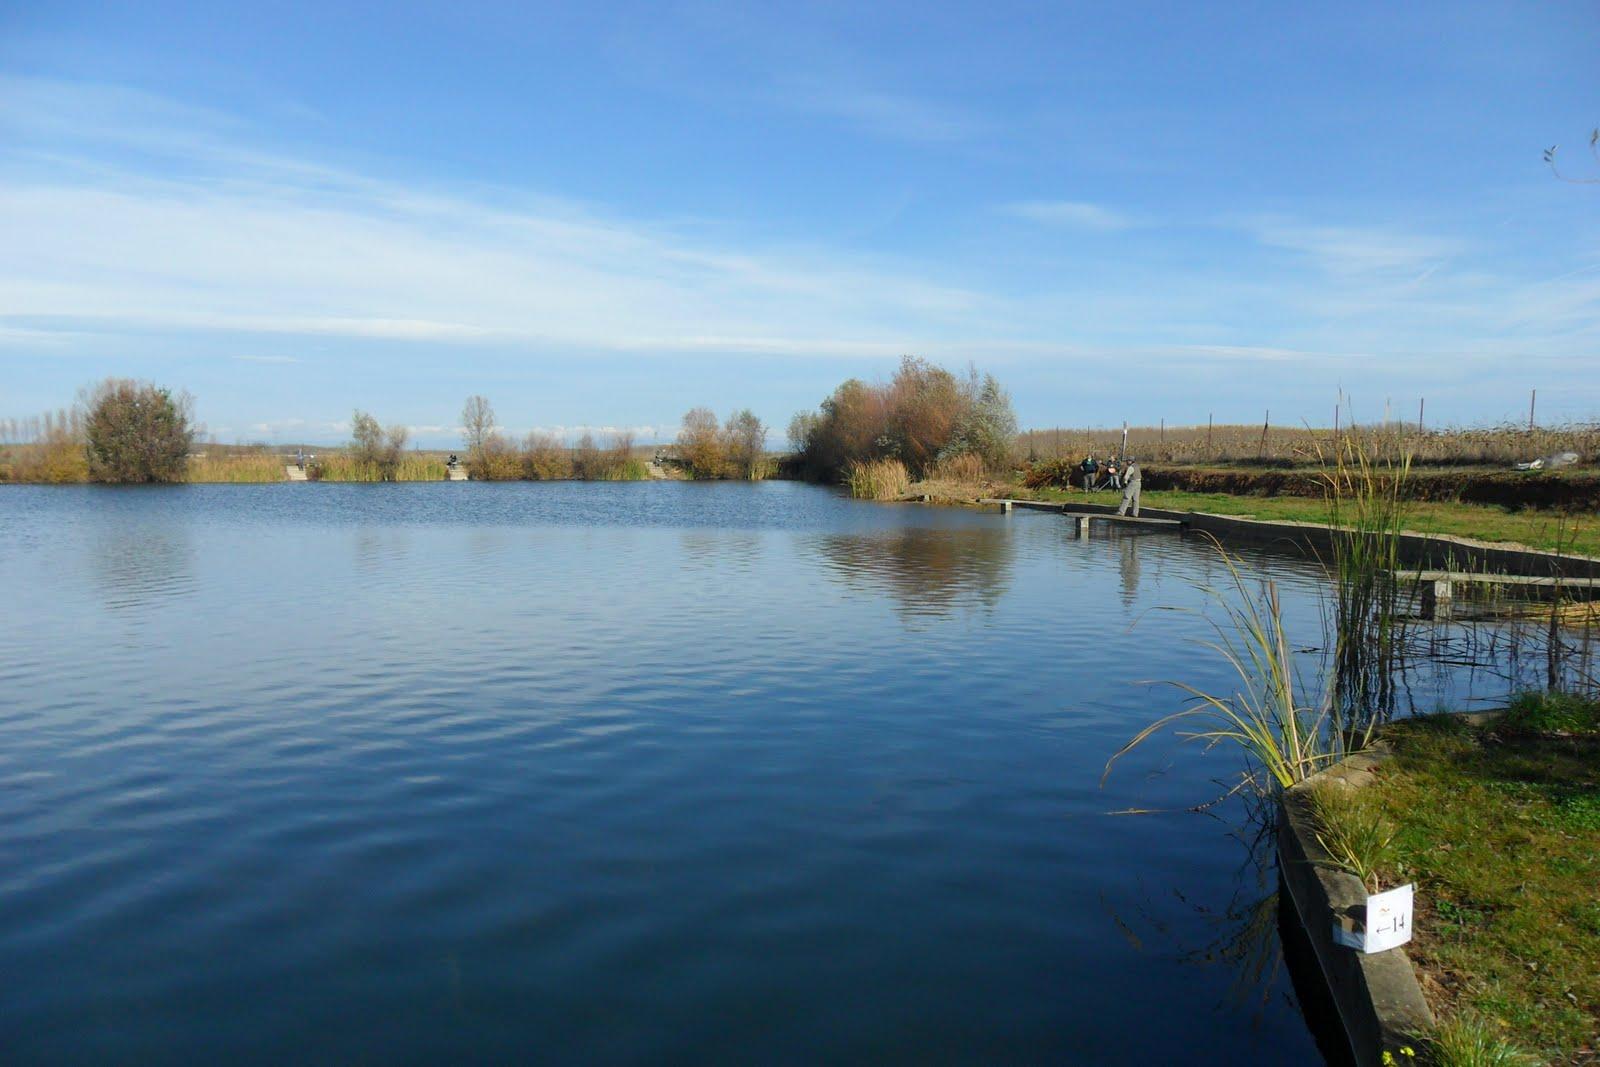 Foto propiedad de http://moscasyrios.blogspot.com.es/2013/01/lago-de-pesca-monte-de-jabares.html